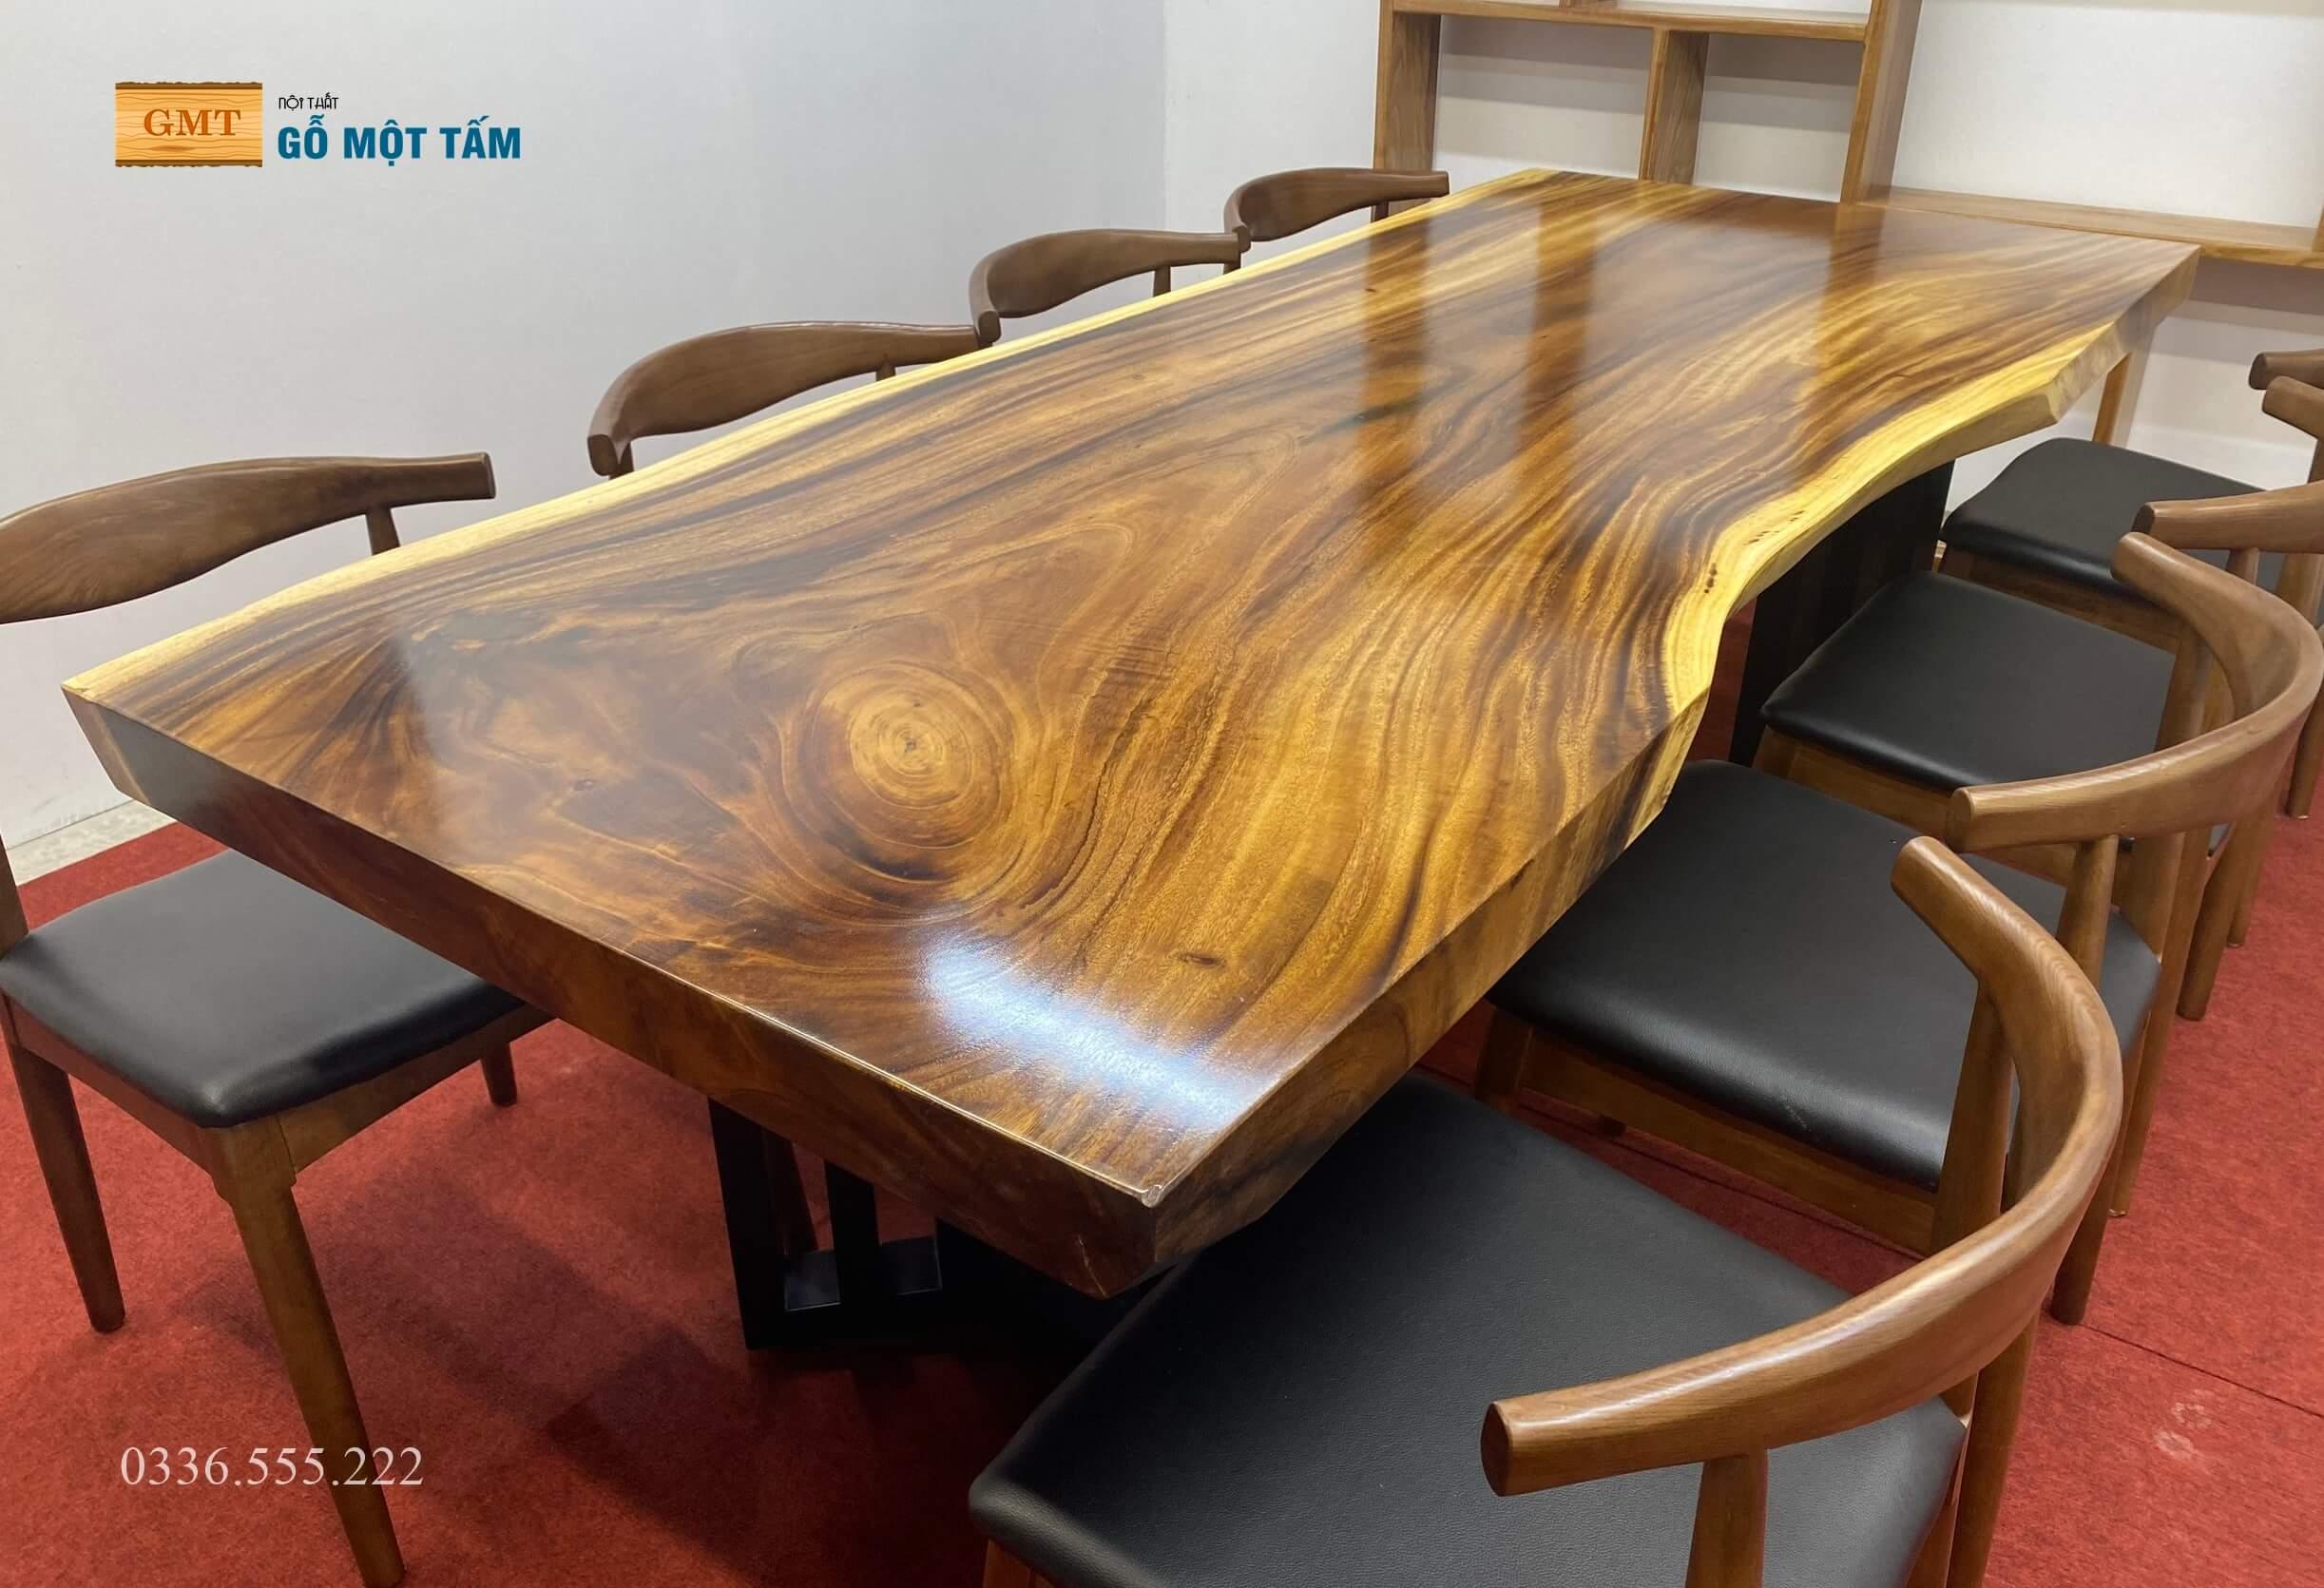 Mặt bàn gỗ me tây giá rẻ